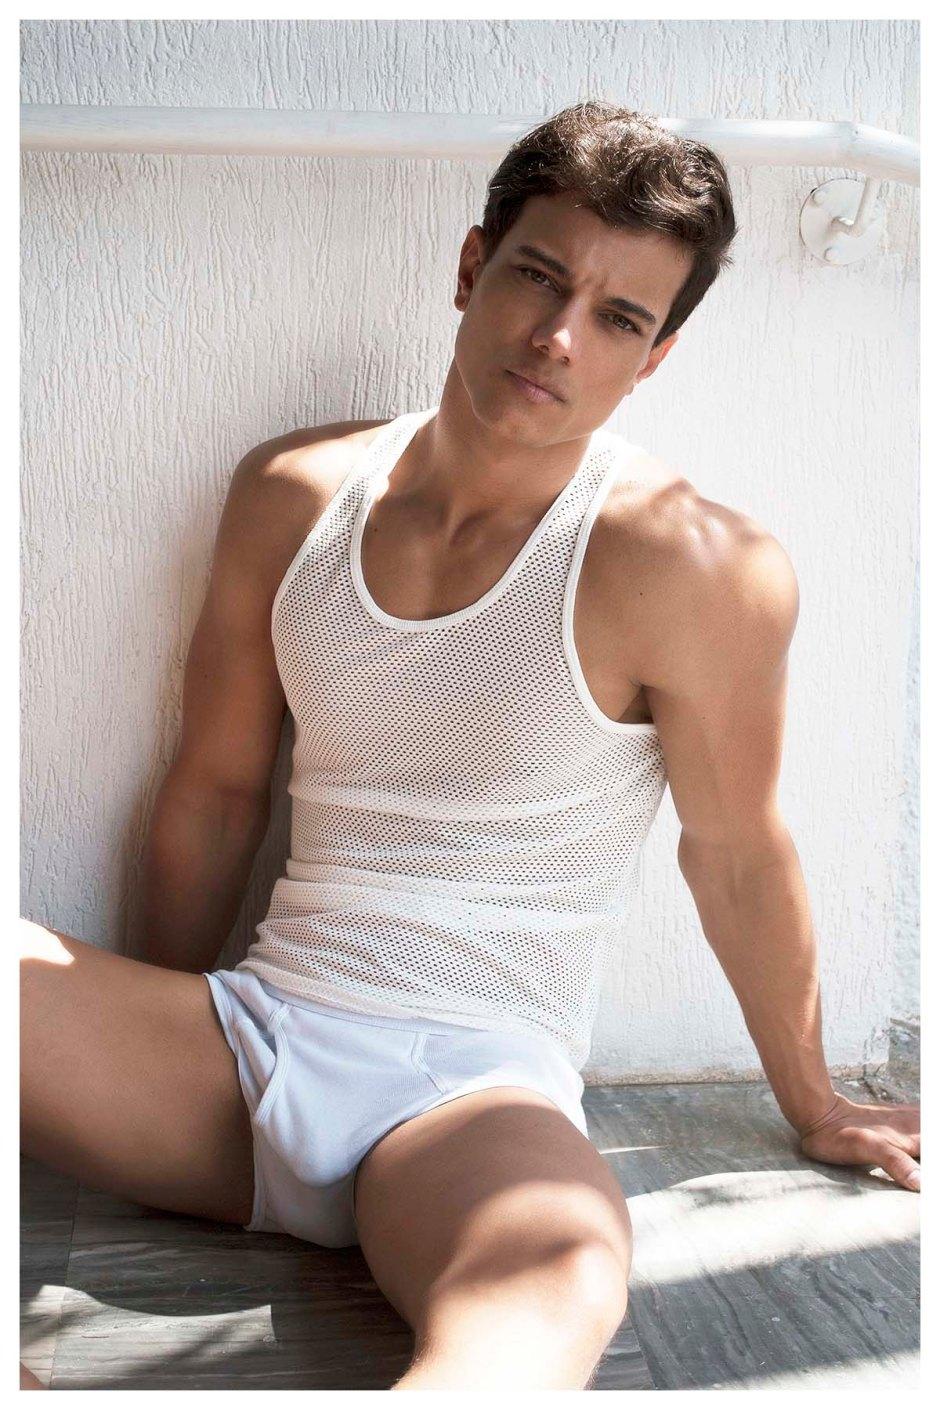 Sulevan Araujo by Rodrigo Moura for Brazilian Male Model_002